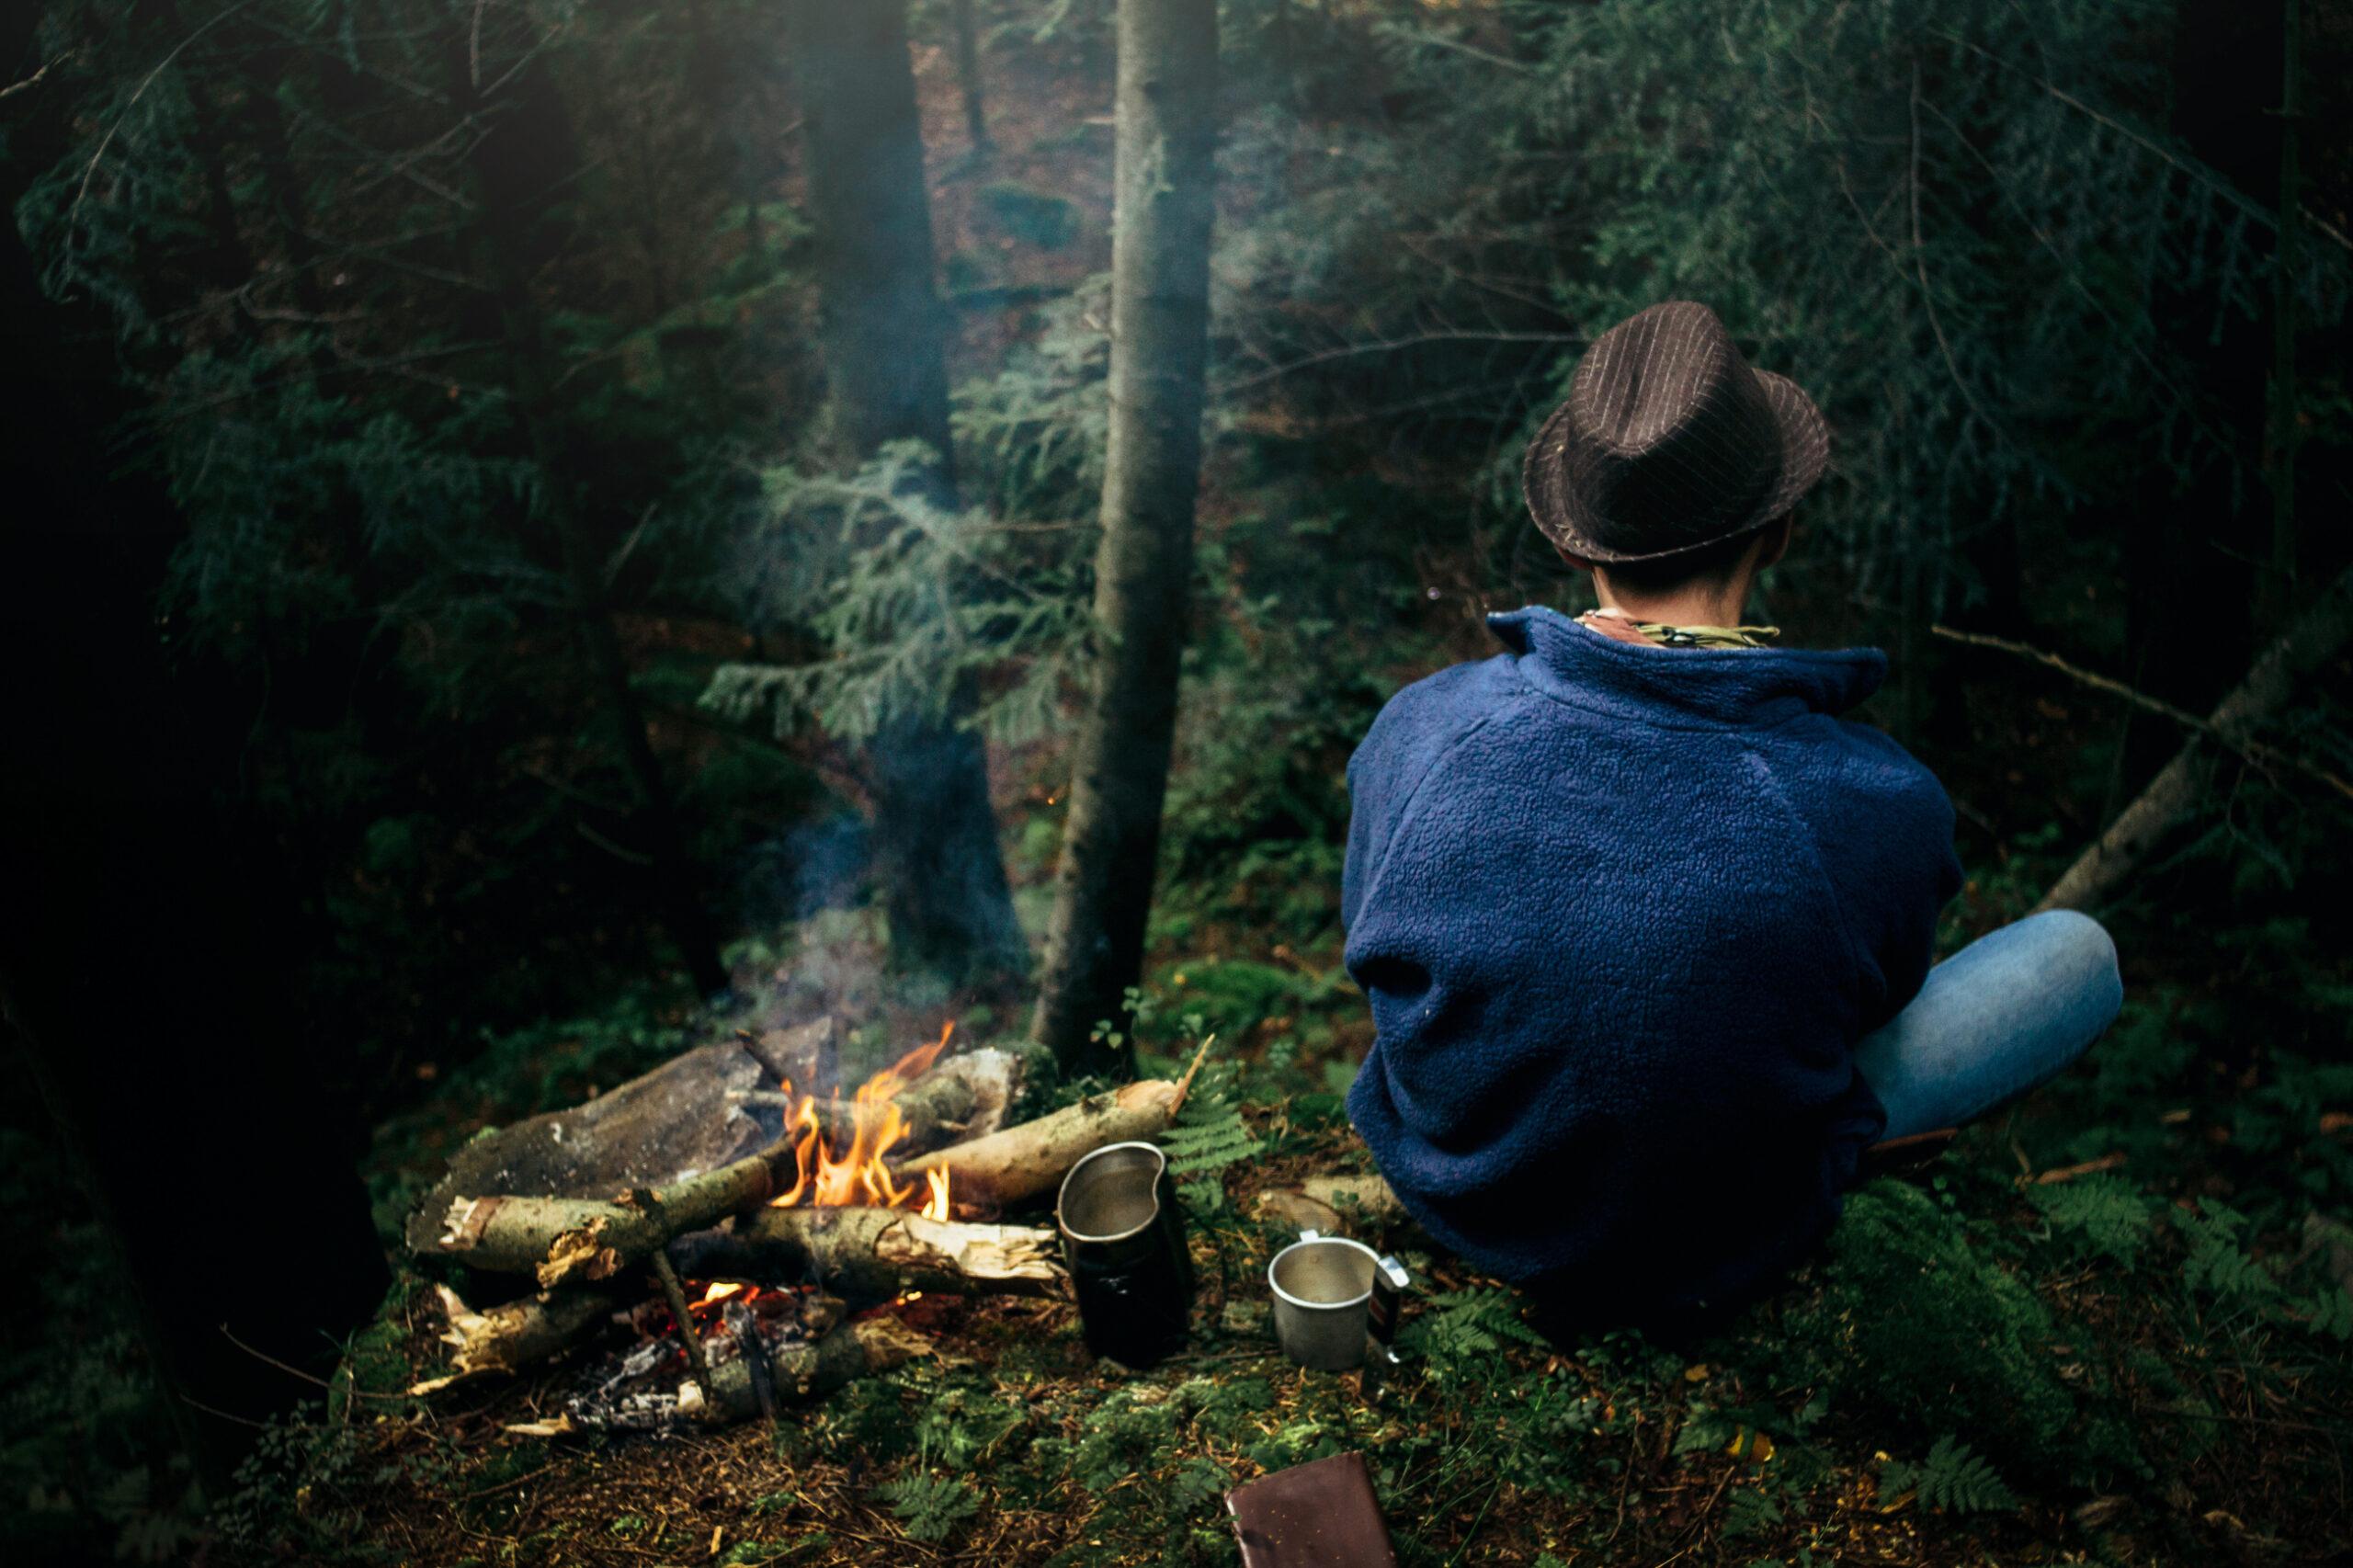 5 рецептов для термоса, с которыми ваше питание в походе будет вкусным и полезным